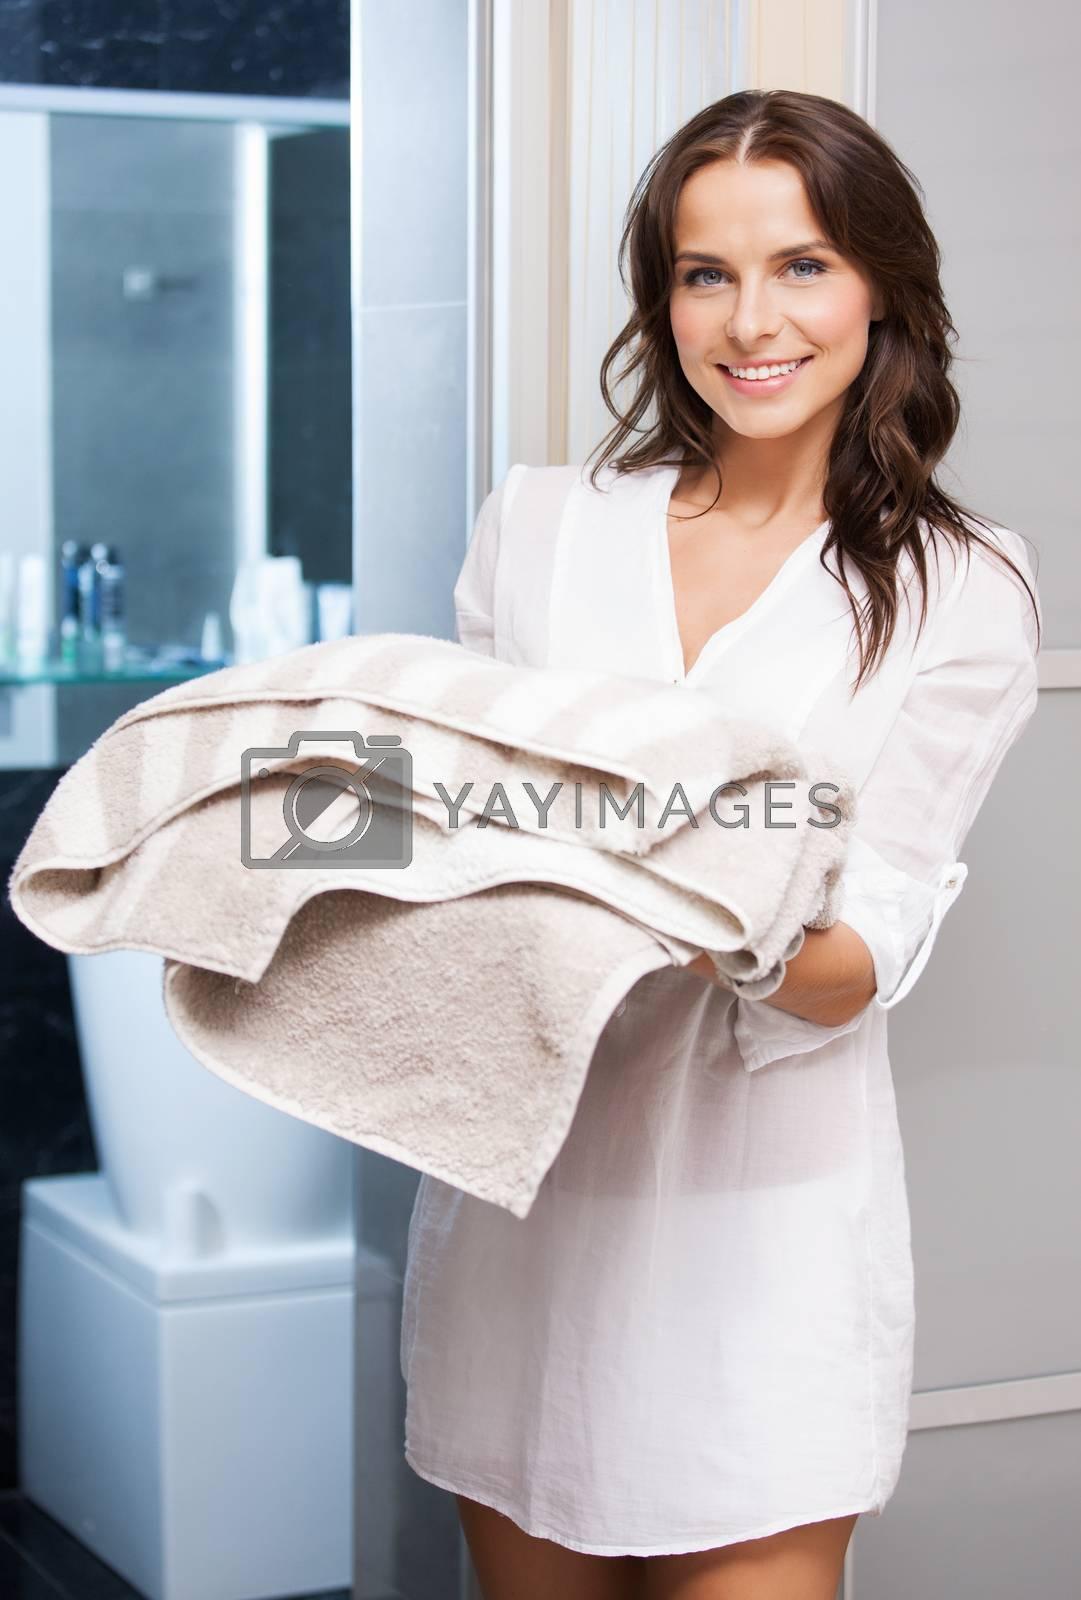 pretty woman with towels by dolgachov